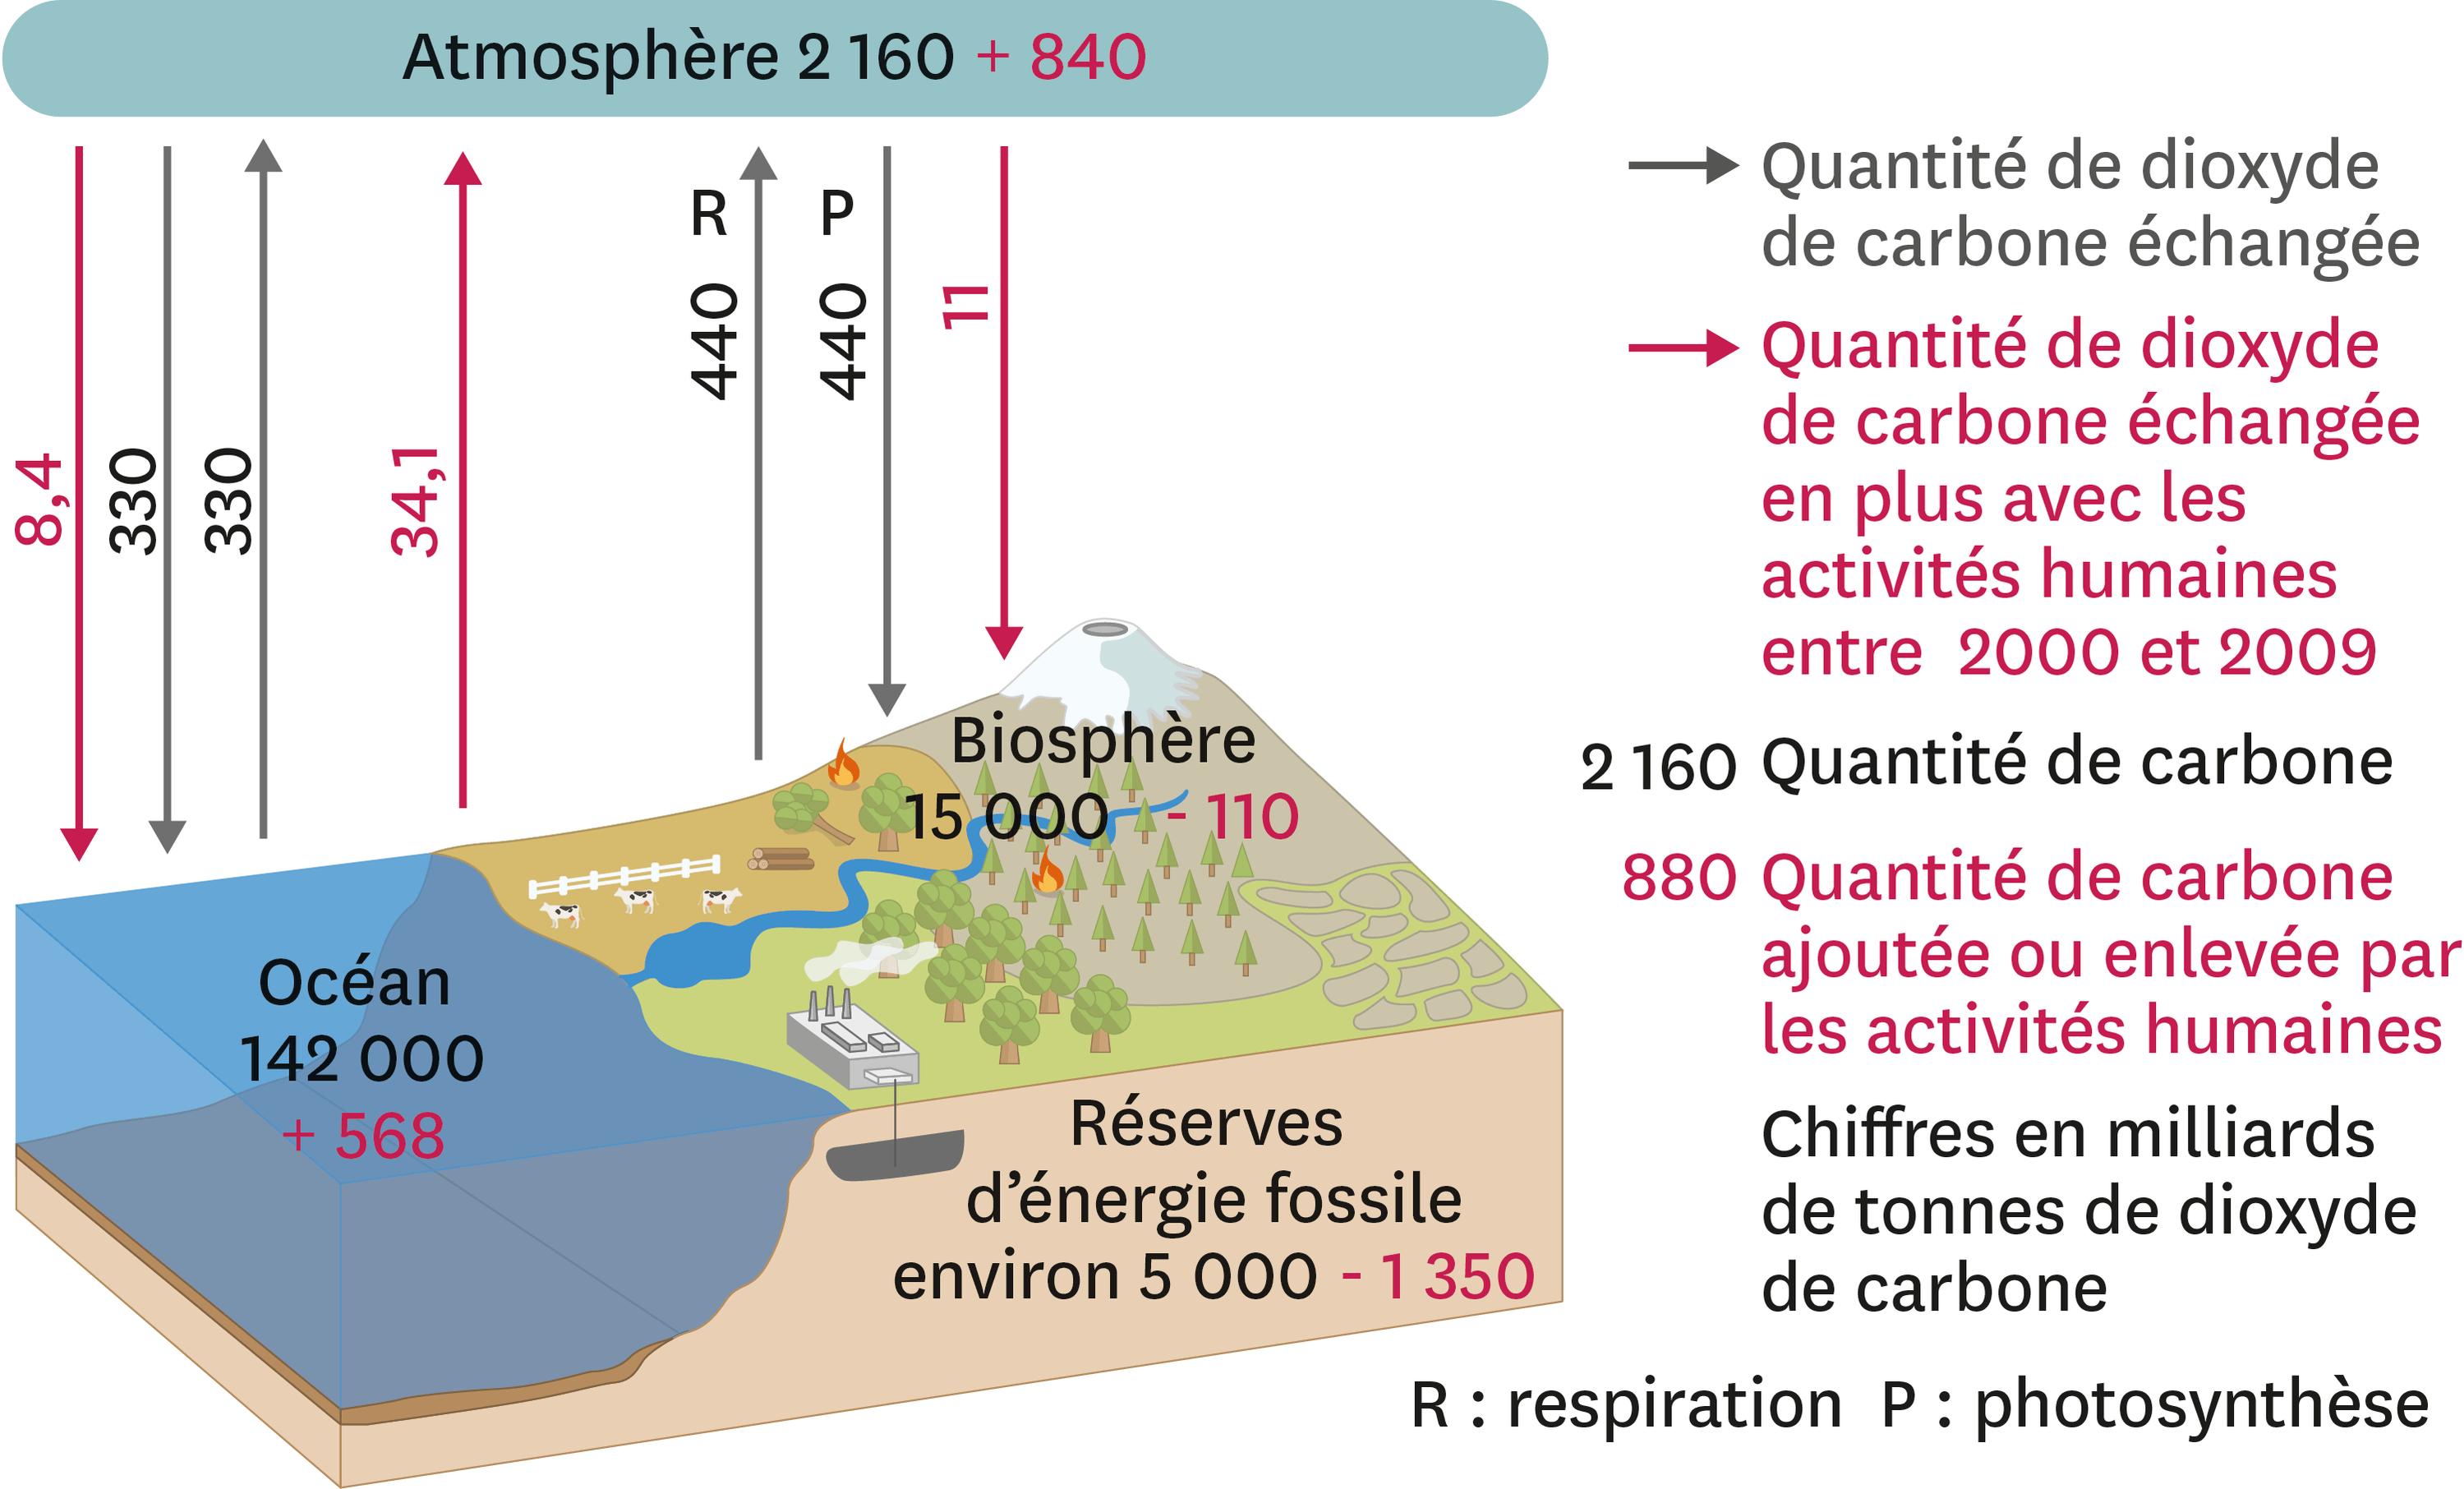 Cycle simplifié du dioxyde de carbone depuis 2000.